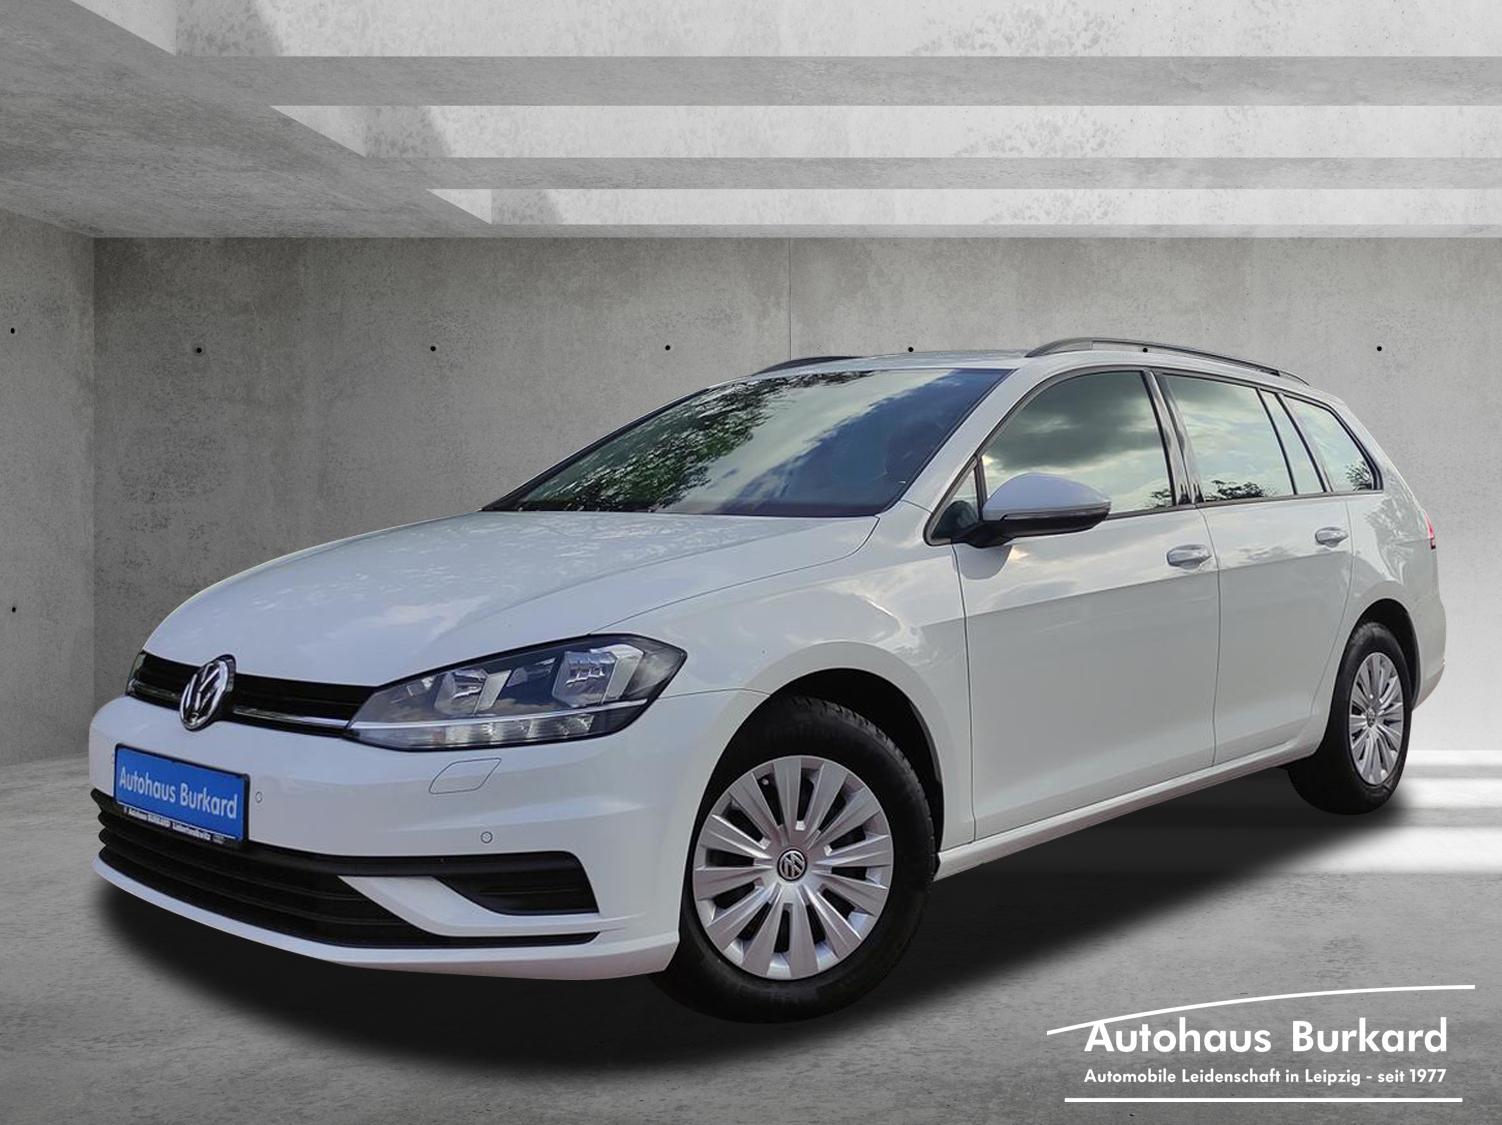 Volkswagen Golf Var. VII 1.6 TDI AHZV+DSG+Temp.+PDC, Jahr 2018, Diesel